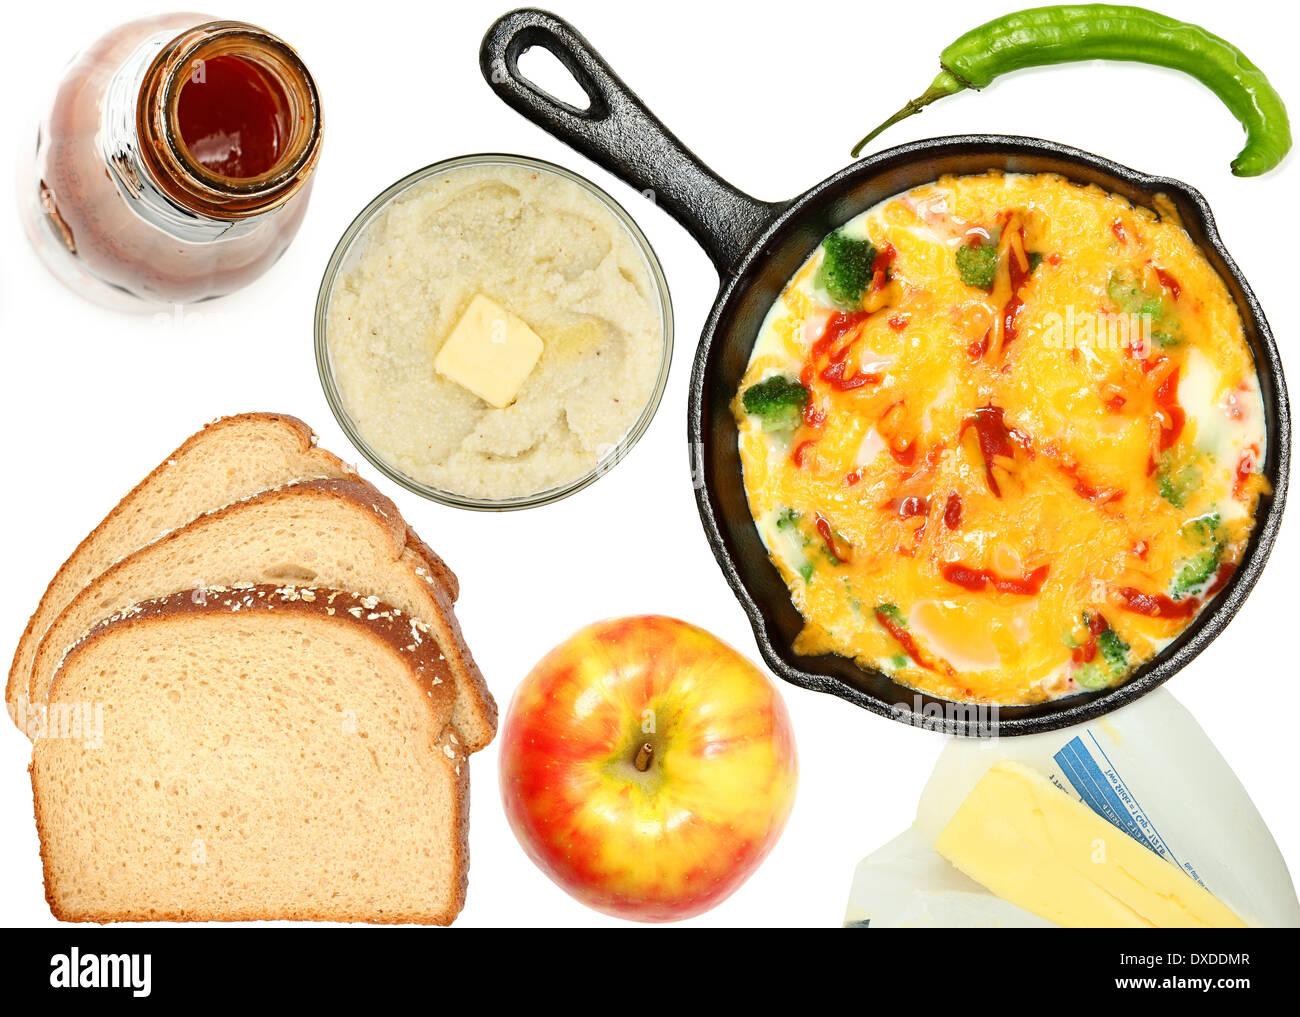 Breakfast over white, omelet, apple, egg, butter, bread, hot sauce, pepper. - Stock Image